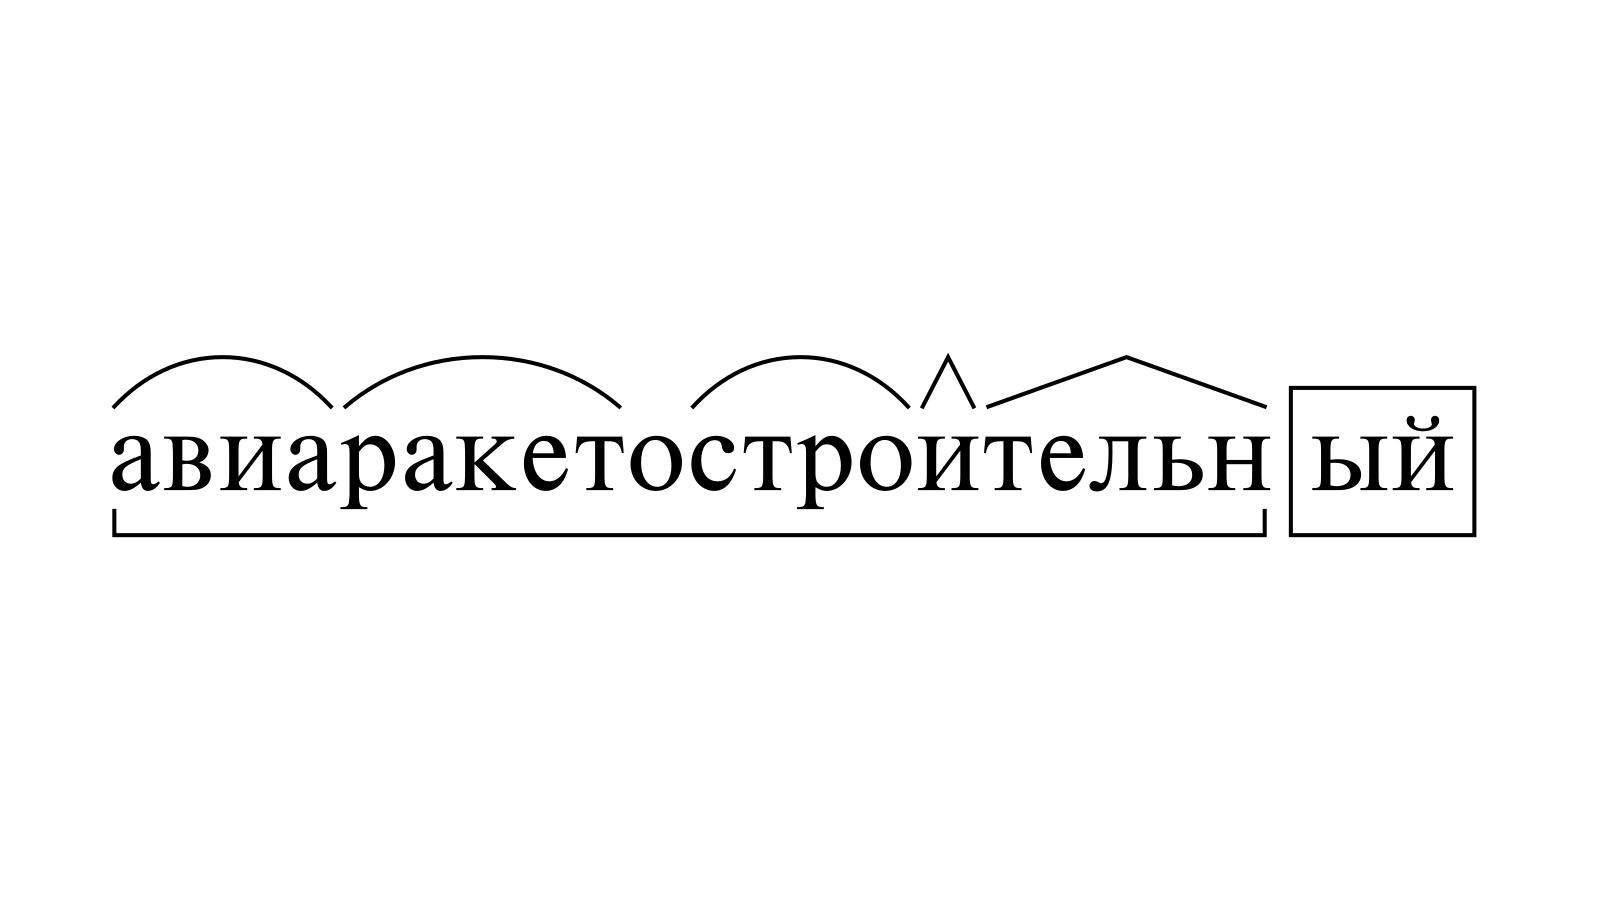 Разбор слова «авиаракетостроительный» по составу